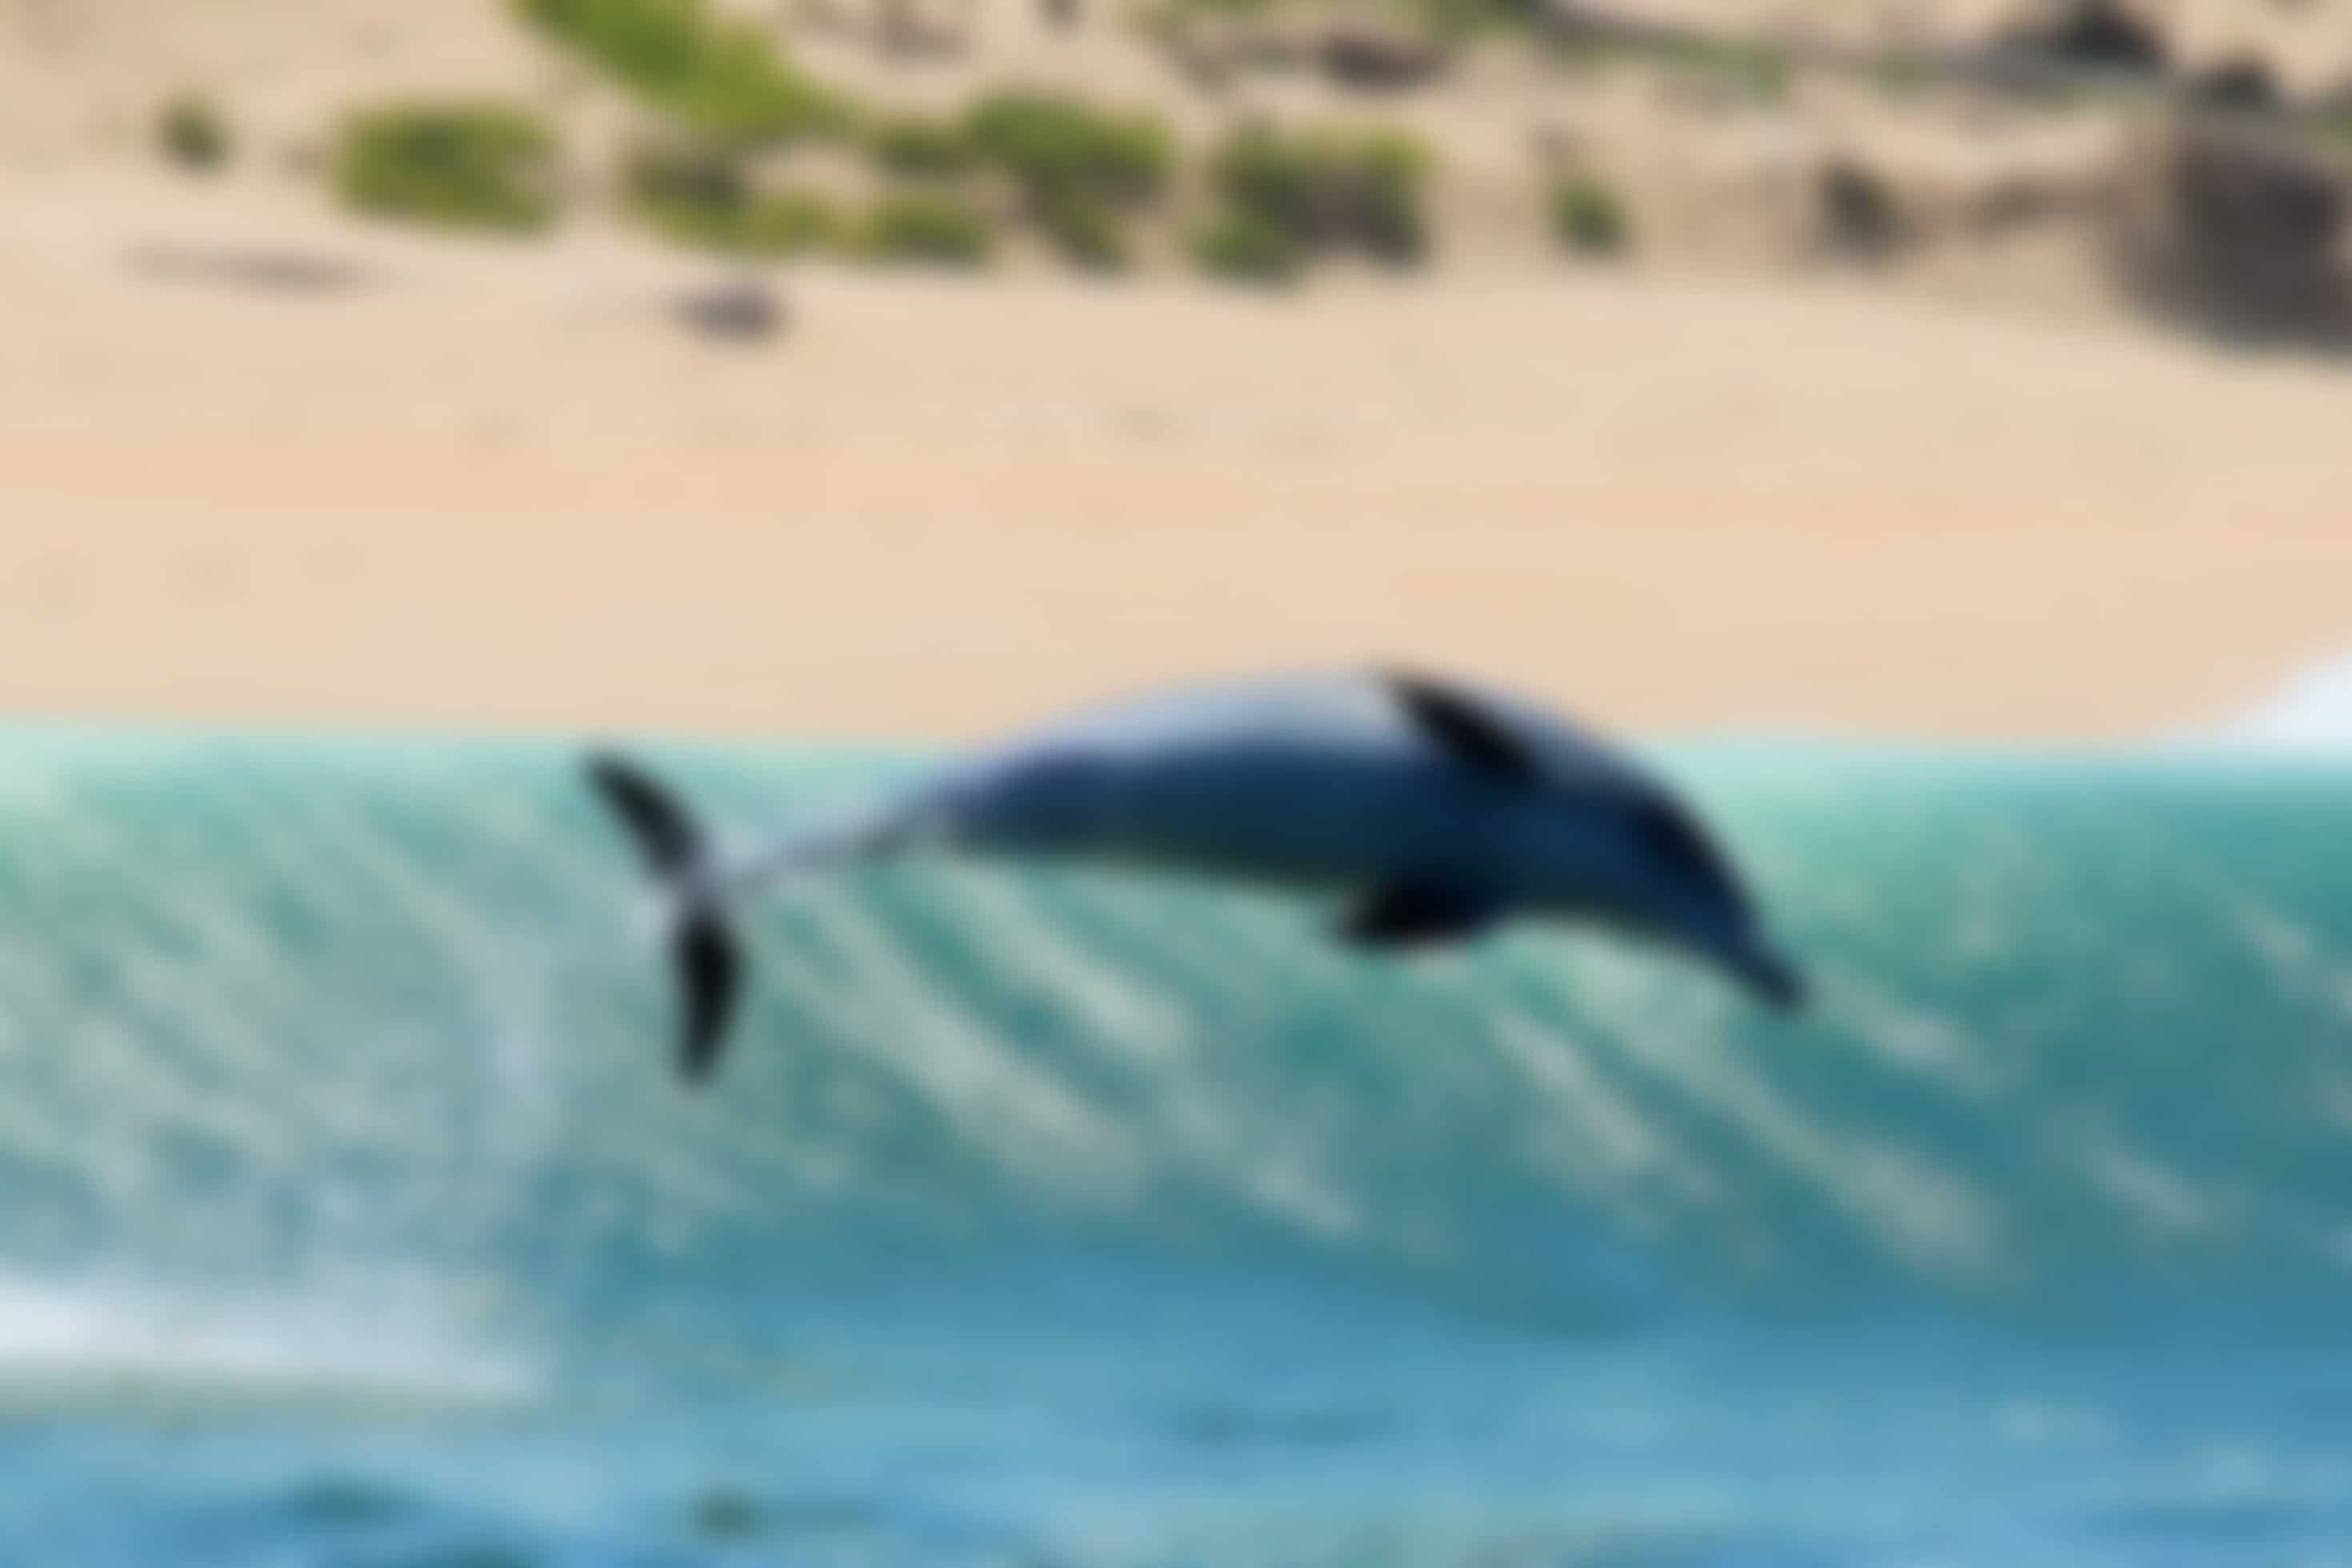 Zeedieren zoals dolfijnen en walvissen helpen in Zuid-Afrika